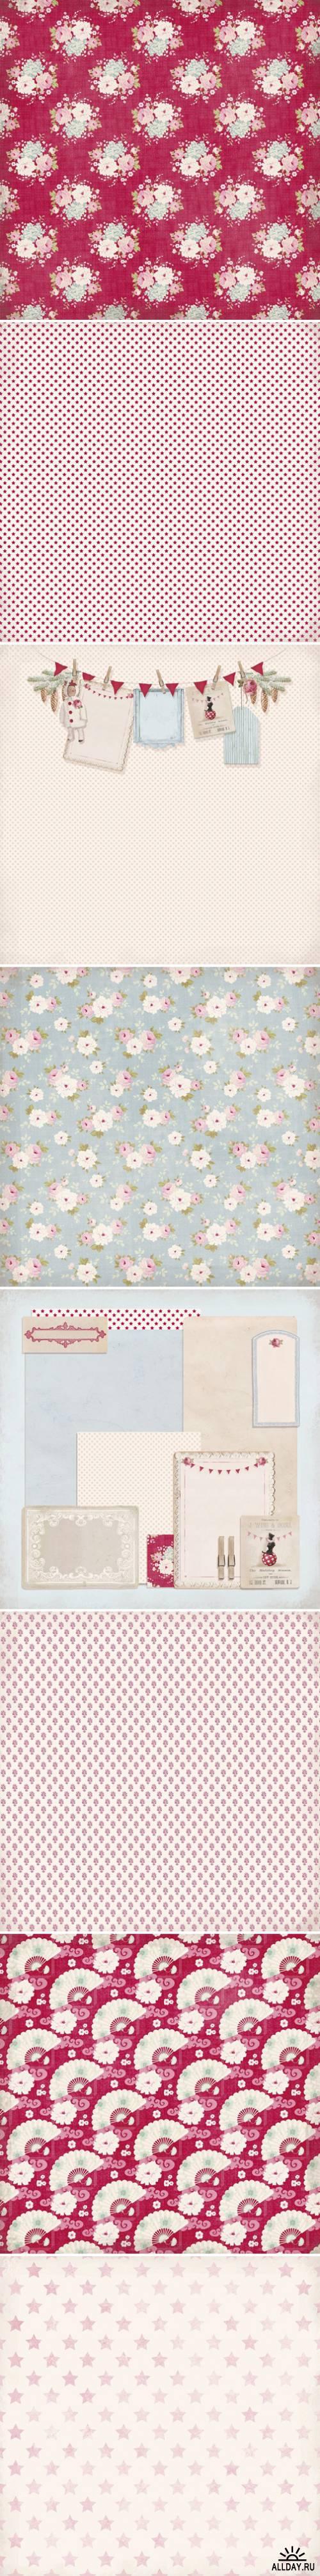 Набор бумаги для скрап-страниц и поделок | Paper Pad 018